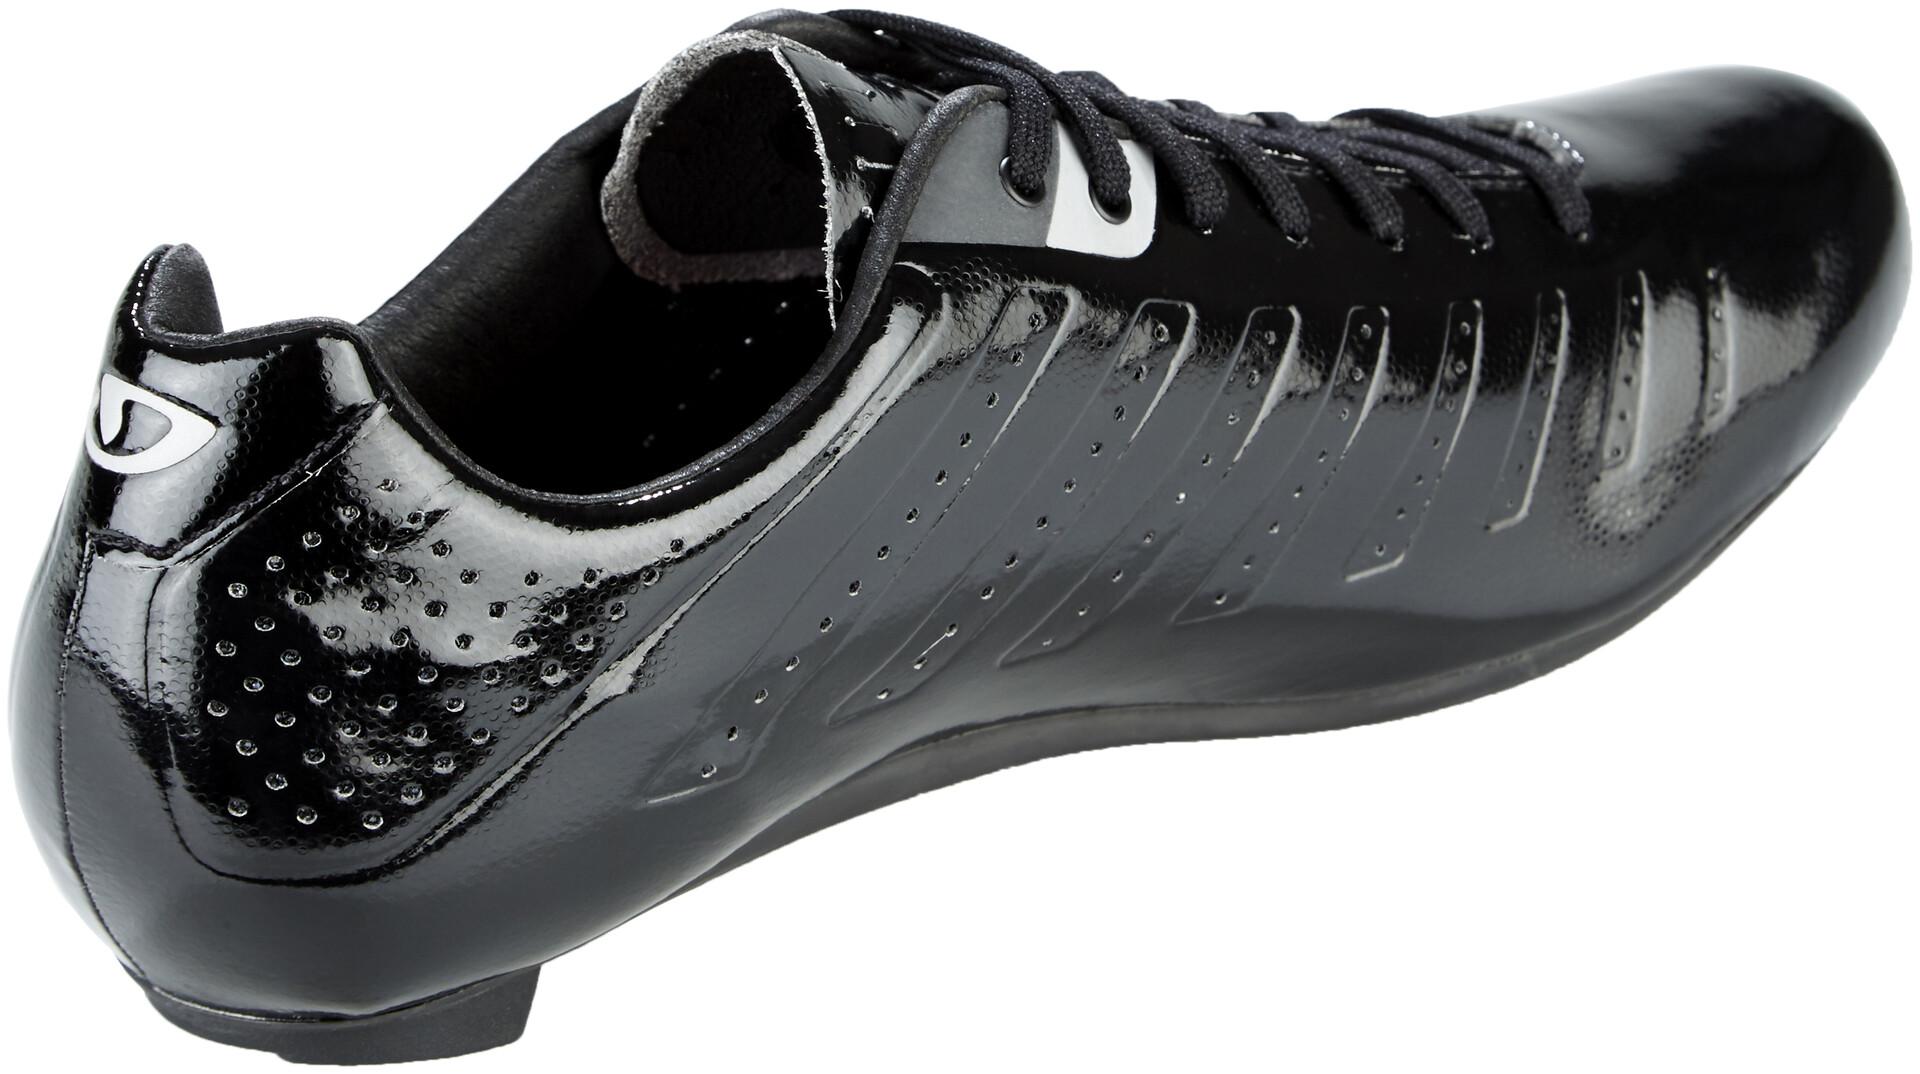 Blacksilver Giro Empire Shoes Slx Herren SzpqMVGU